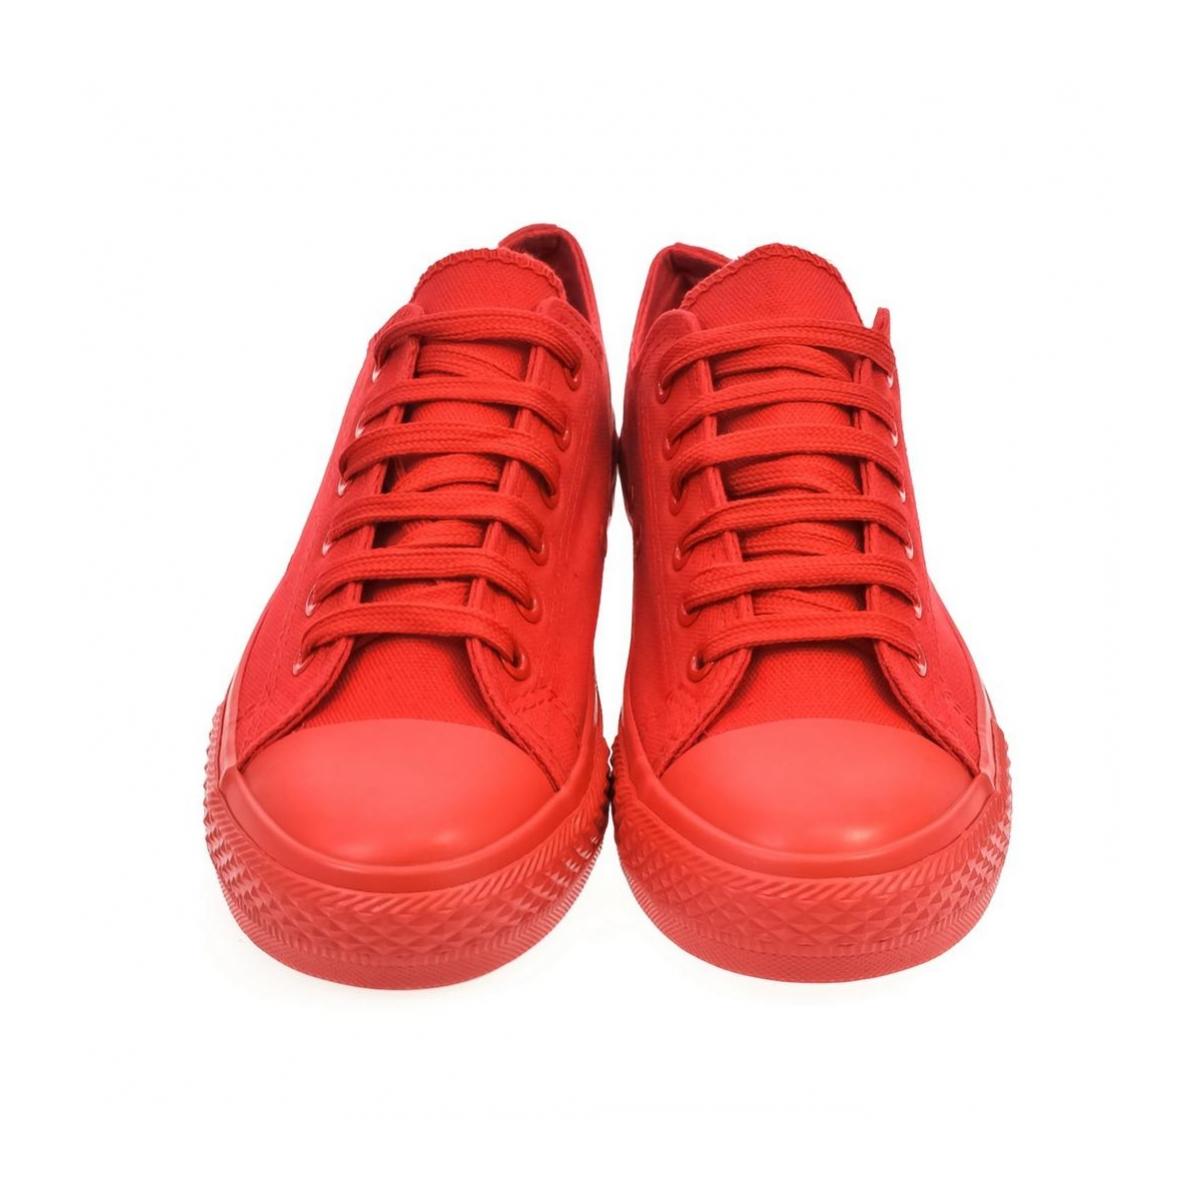 4ad50a2375 Dámske červené tenisky REINA - 2